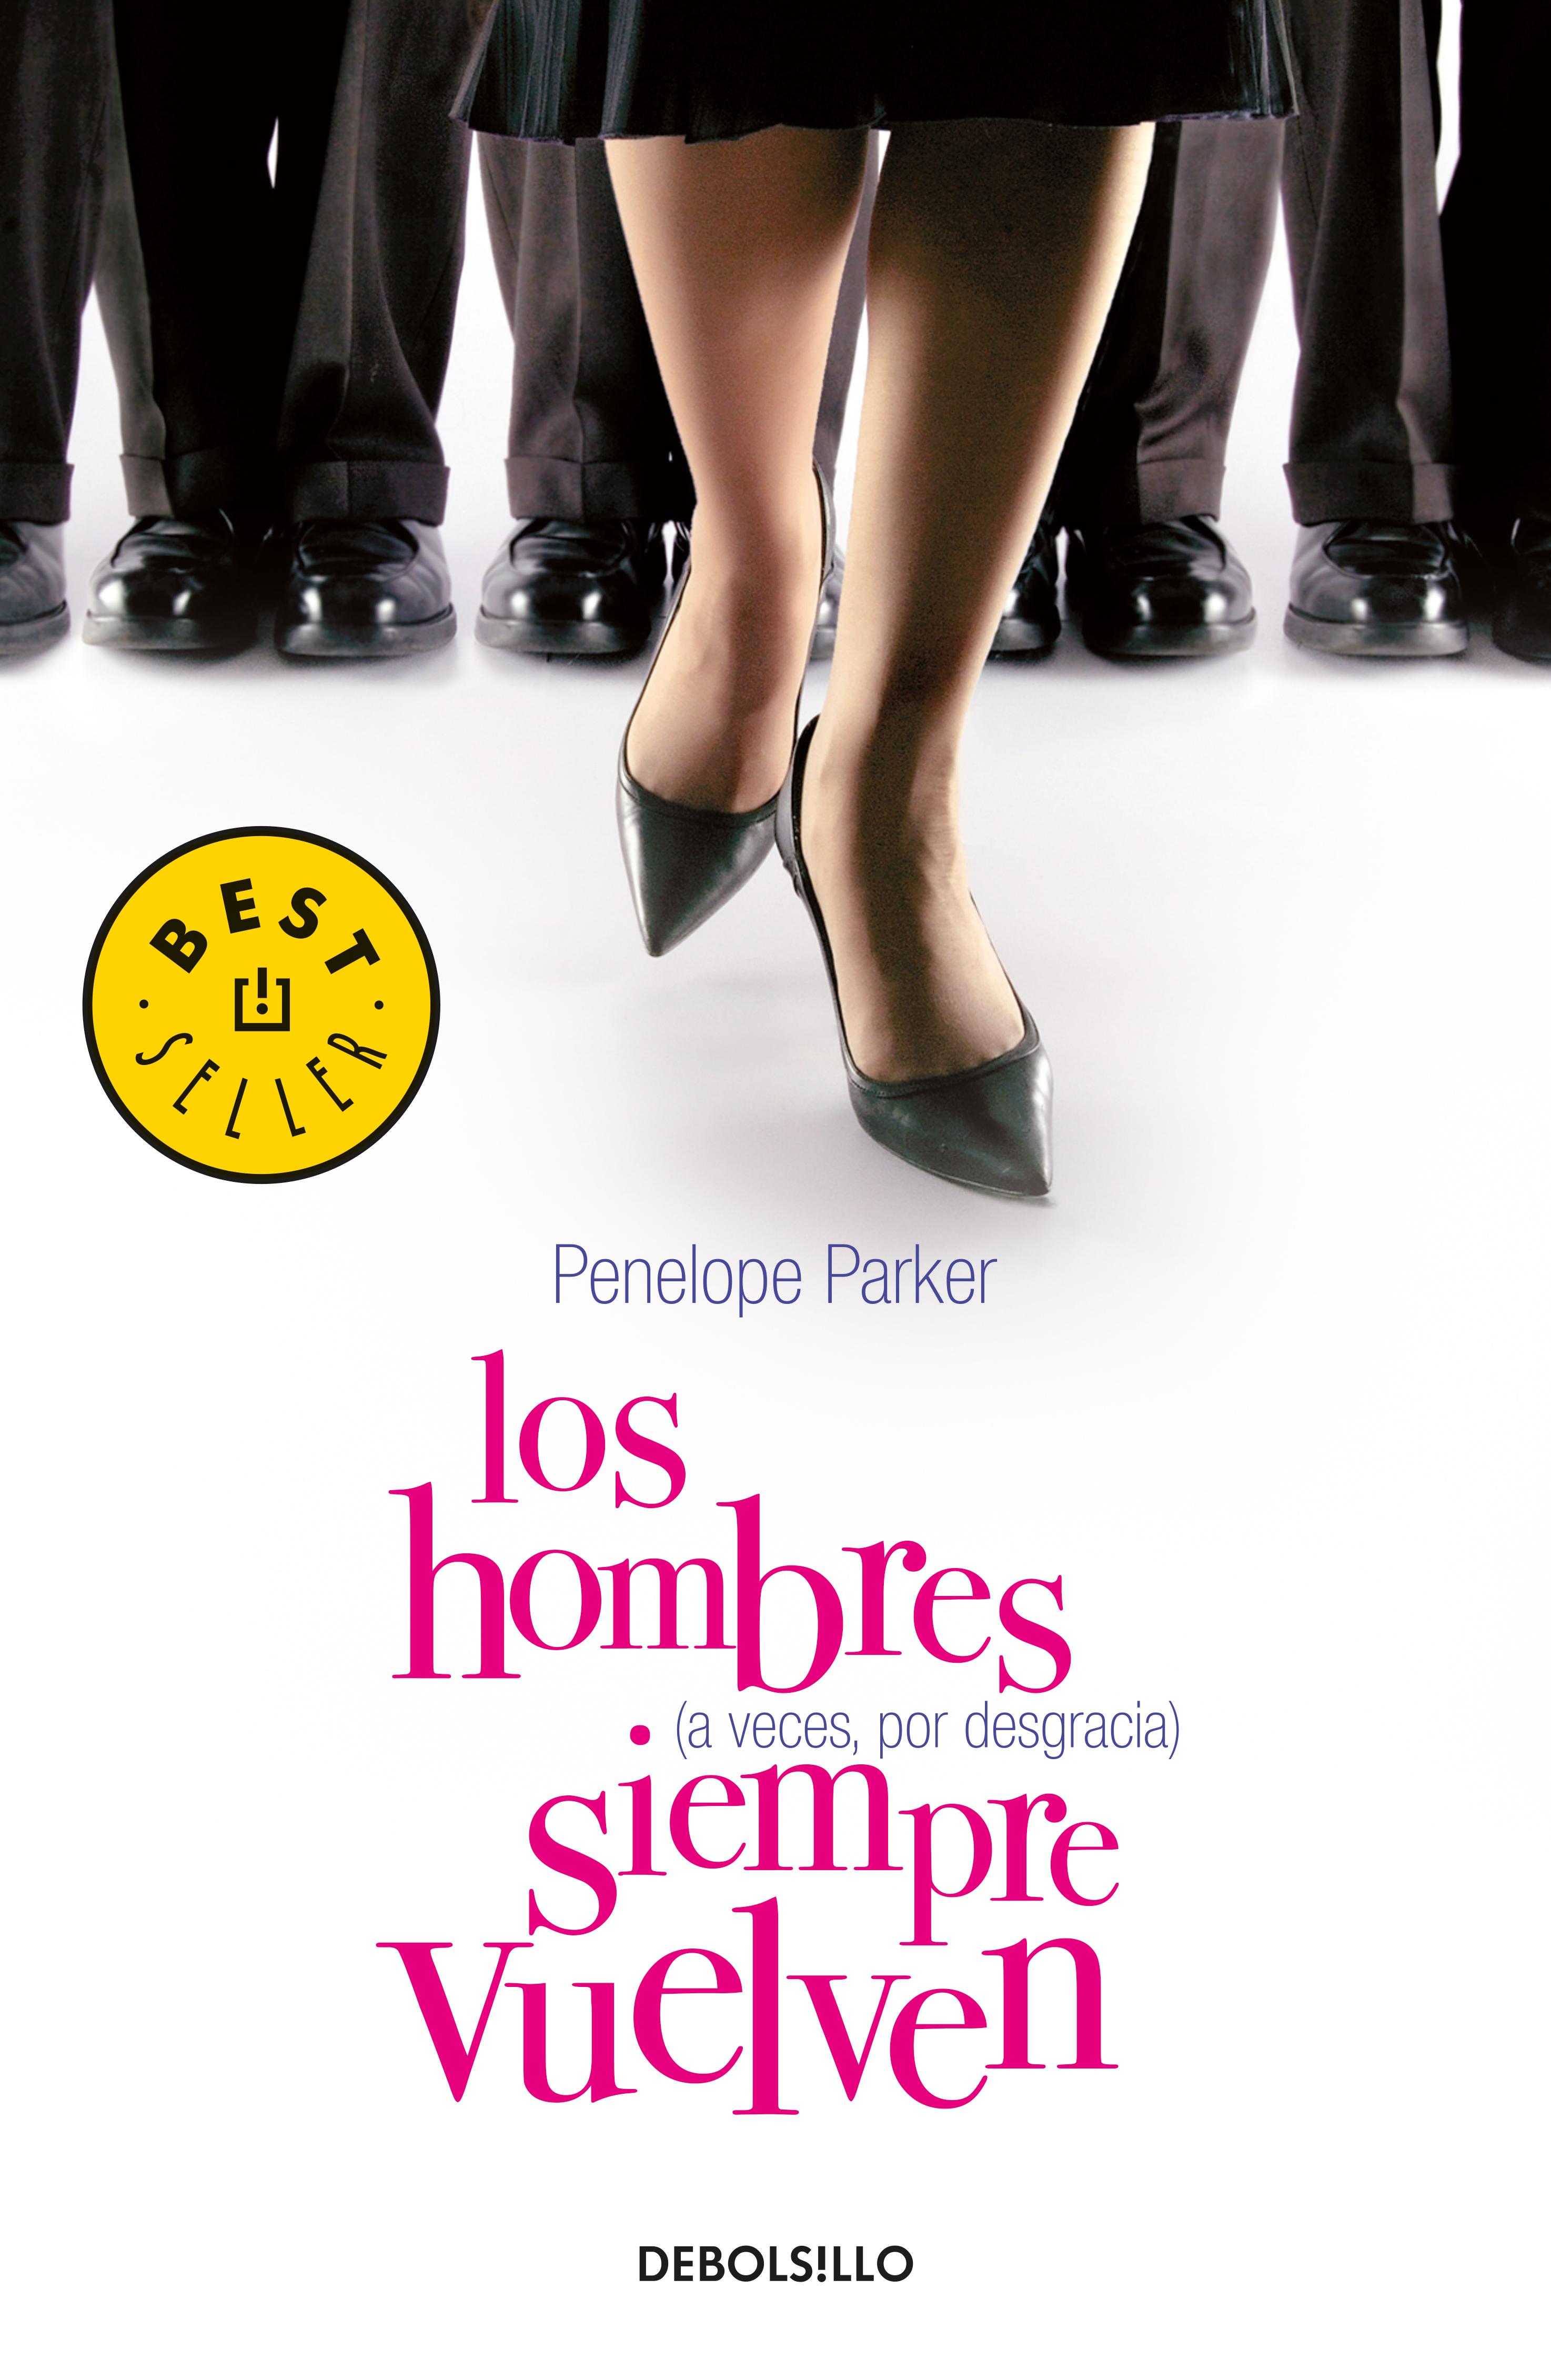 LOS HOMBRES (A VECES, POR DESGRACIA) SIEMPRE VUELVEN